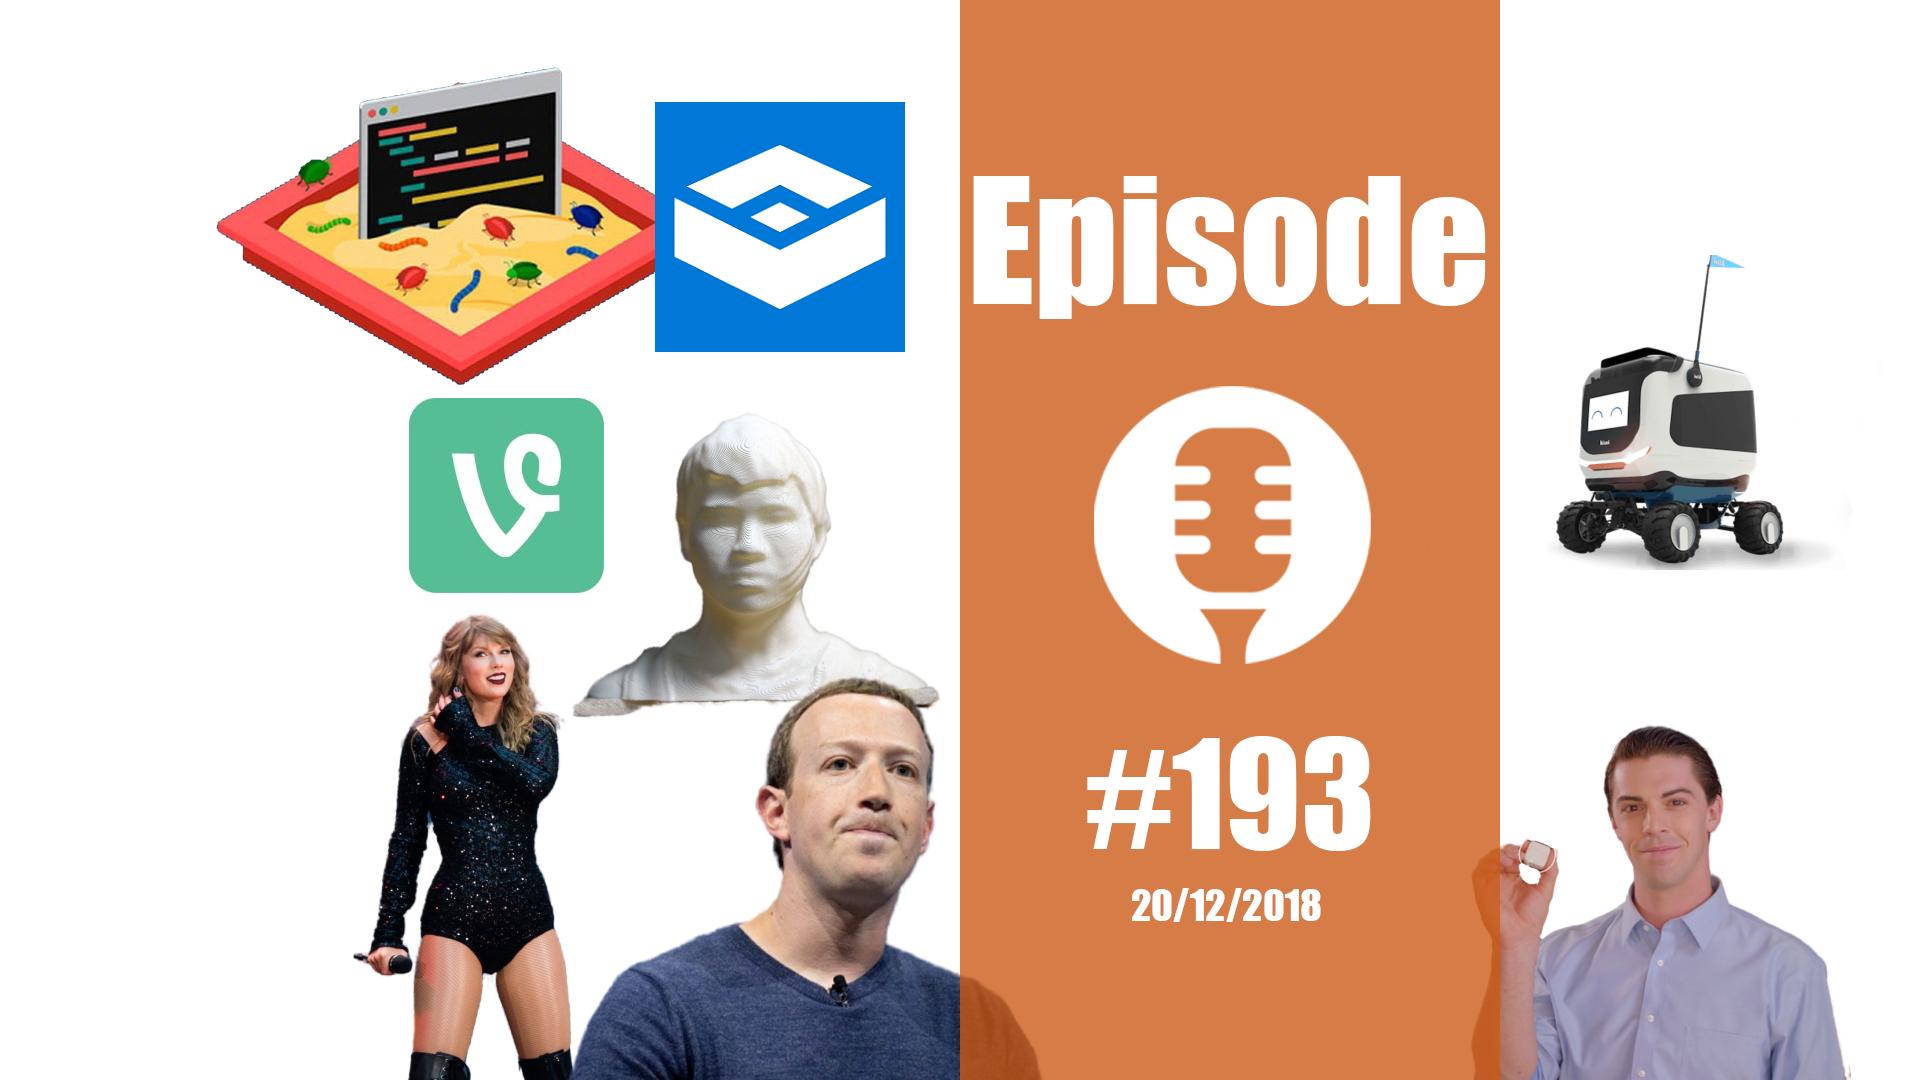 #193: La vie privée, Facebook, la reconnaissance faciale, le Kiwi, l'X32, l'iPad, … c'est plié !